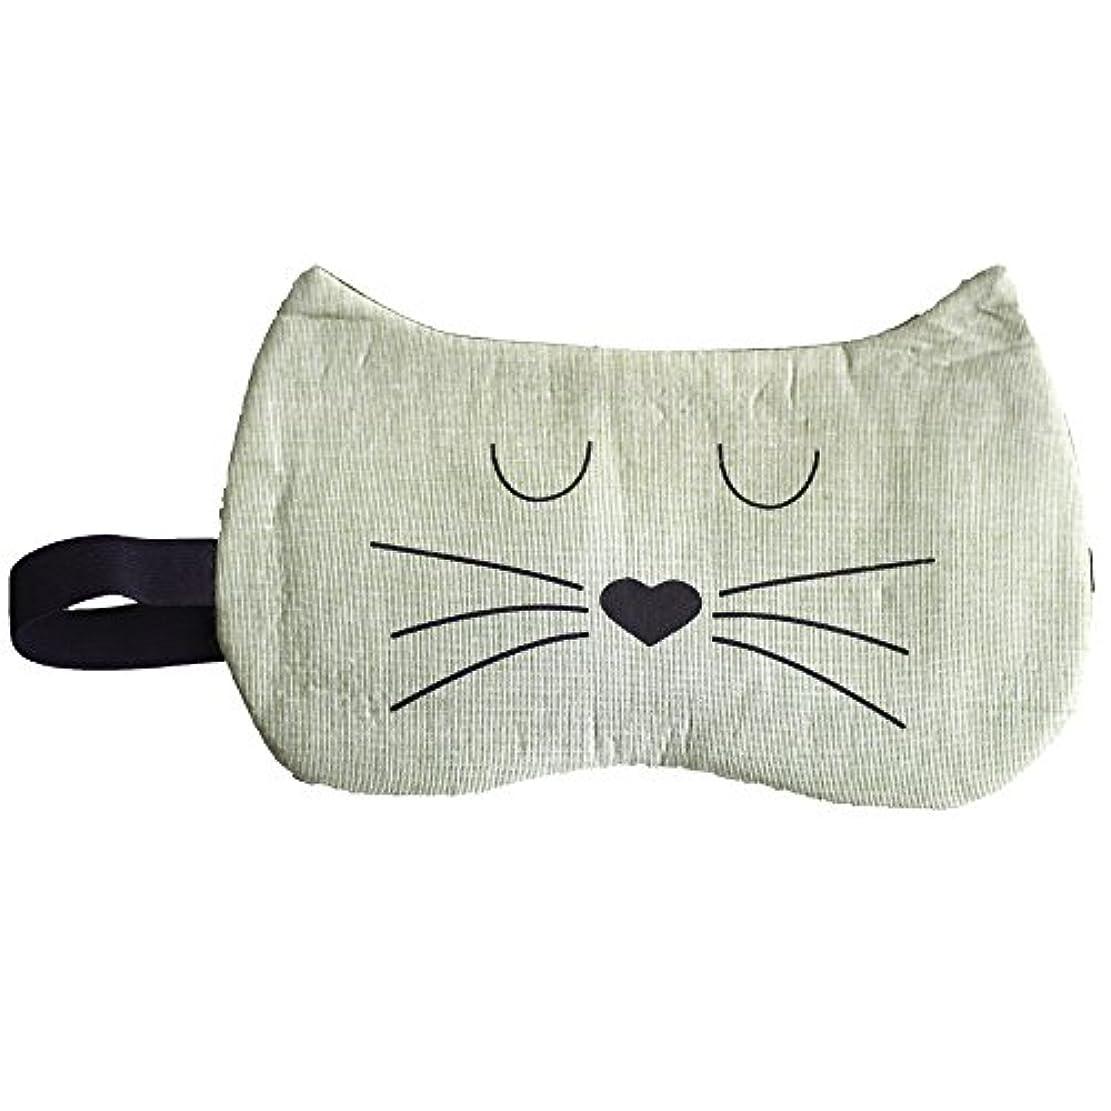 社会主義者ソブリケット他にクールアイマスク ねこ アイマスク 猫 (D type)